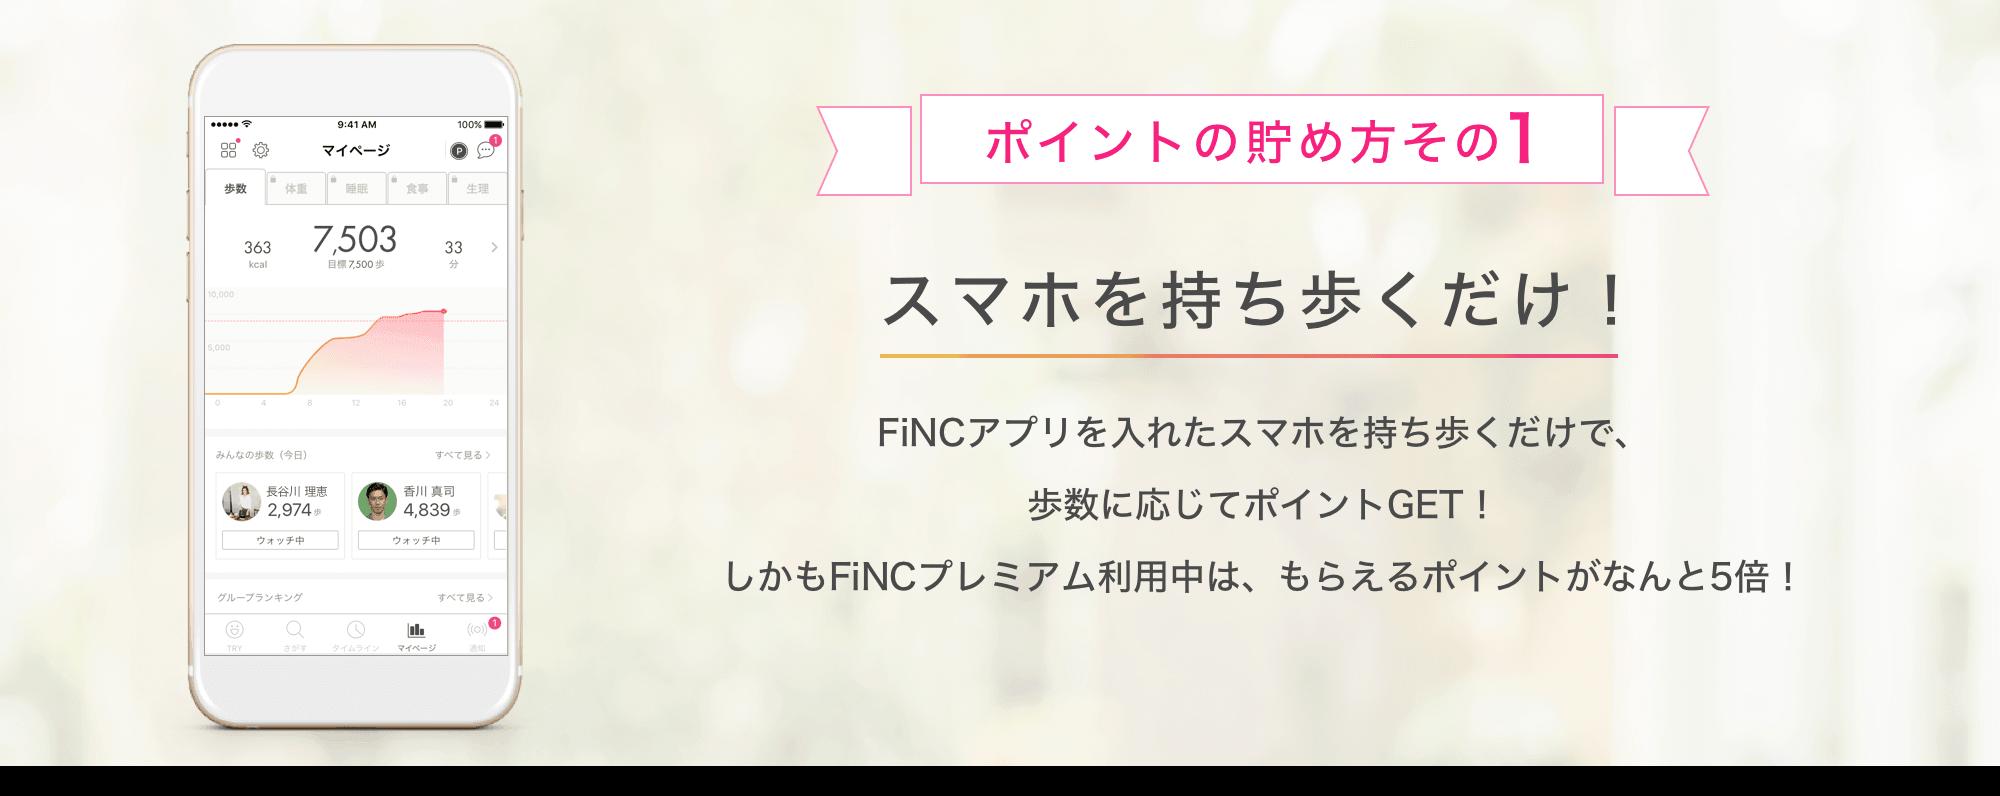 FiNC Premium | チャットコンシェルジュサービス